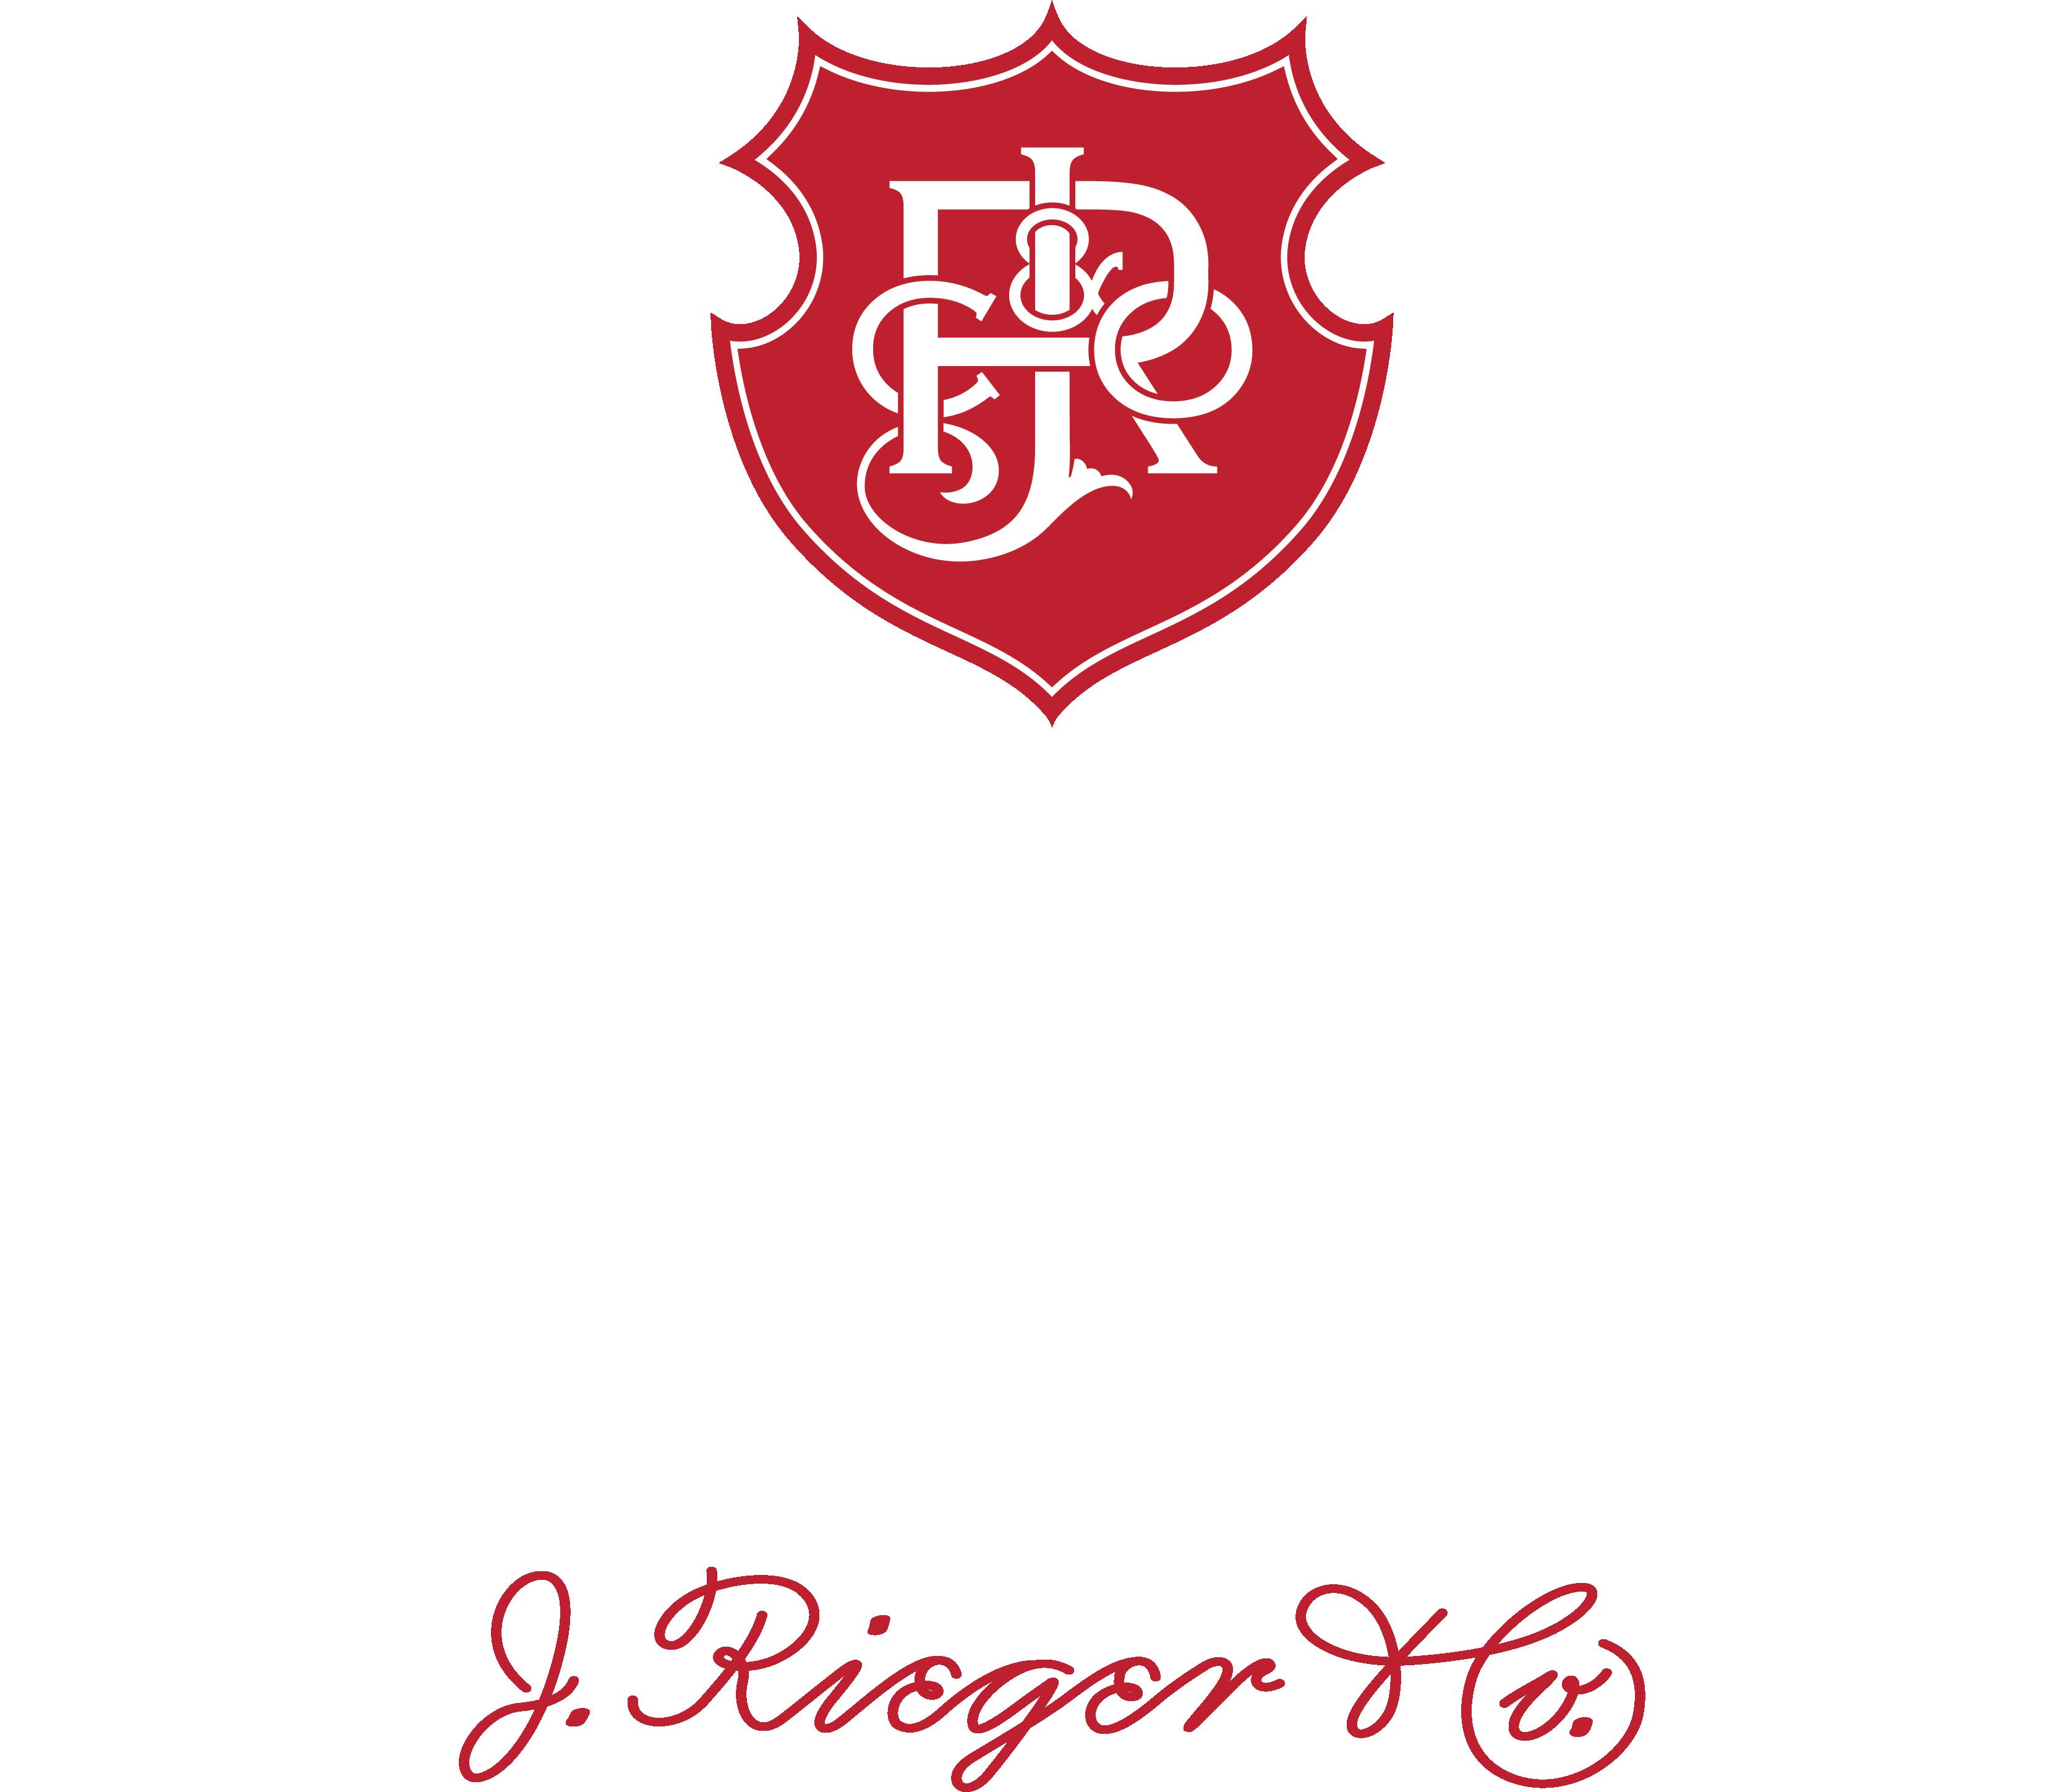 The Tasting Room logo lockup